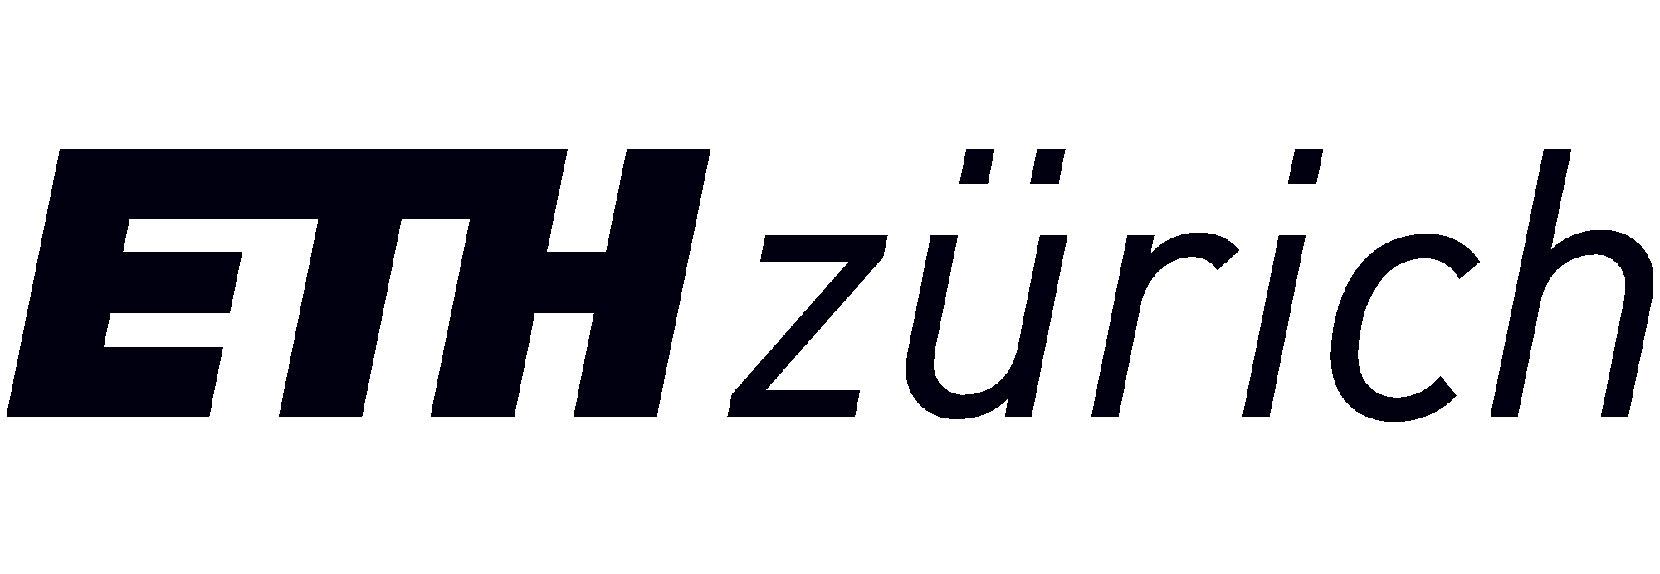 zuerich_eth